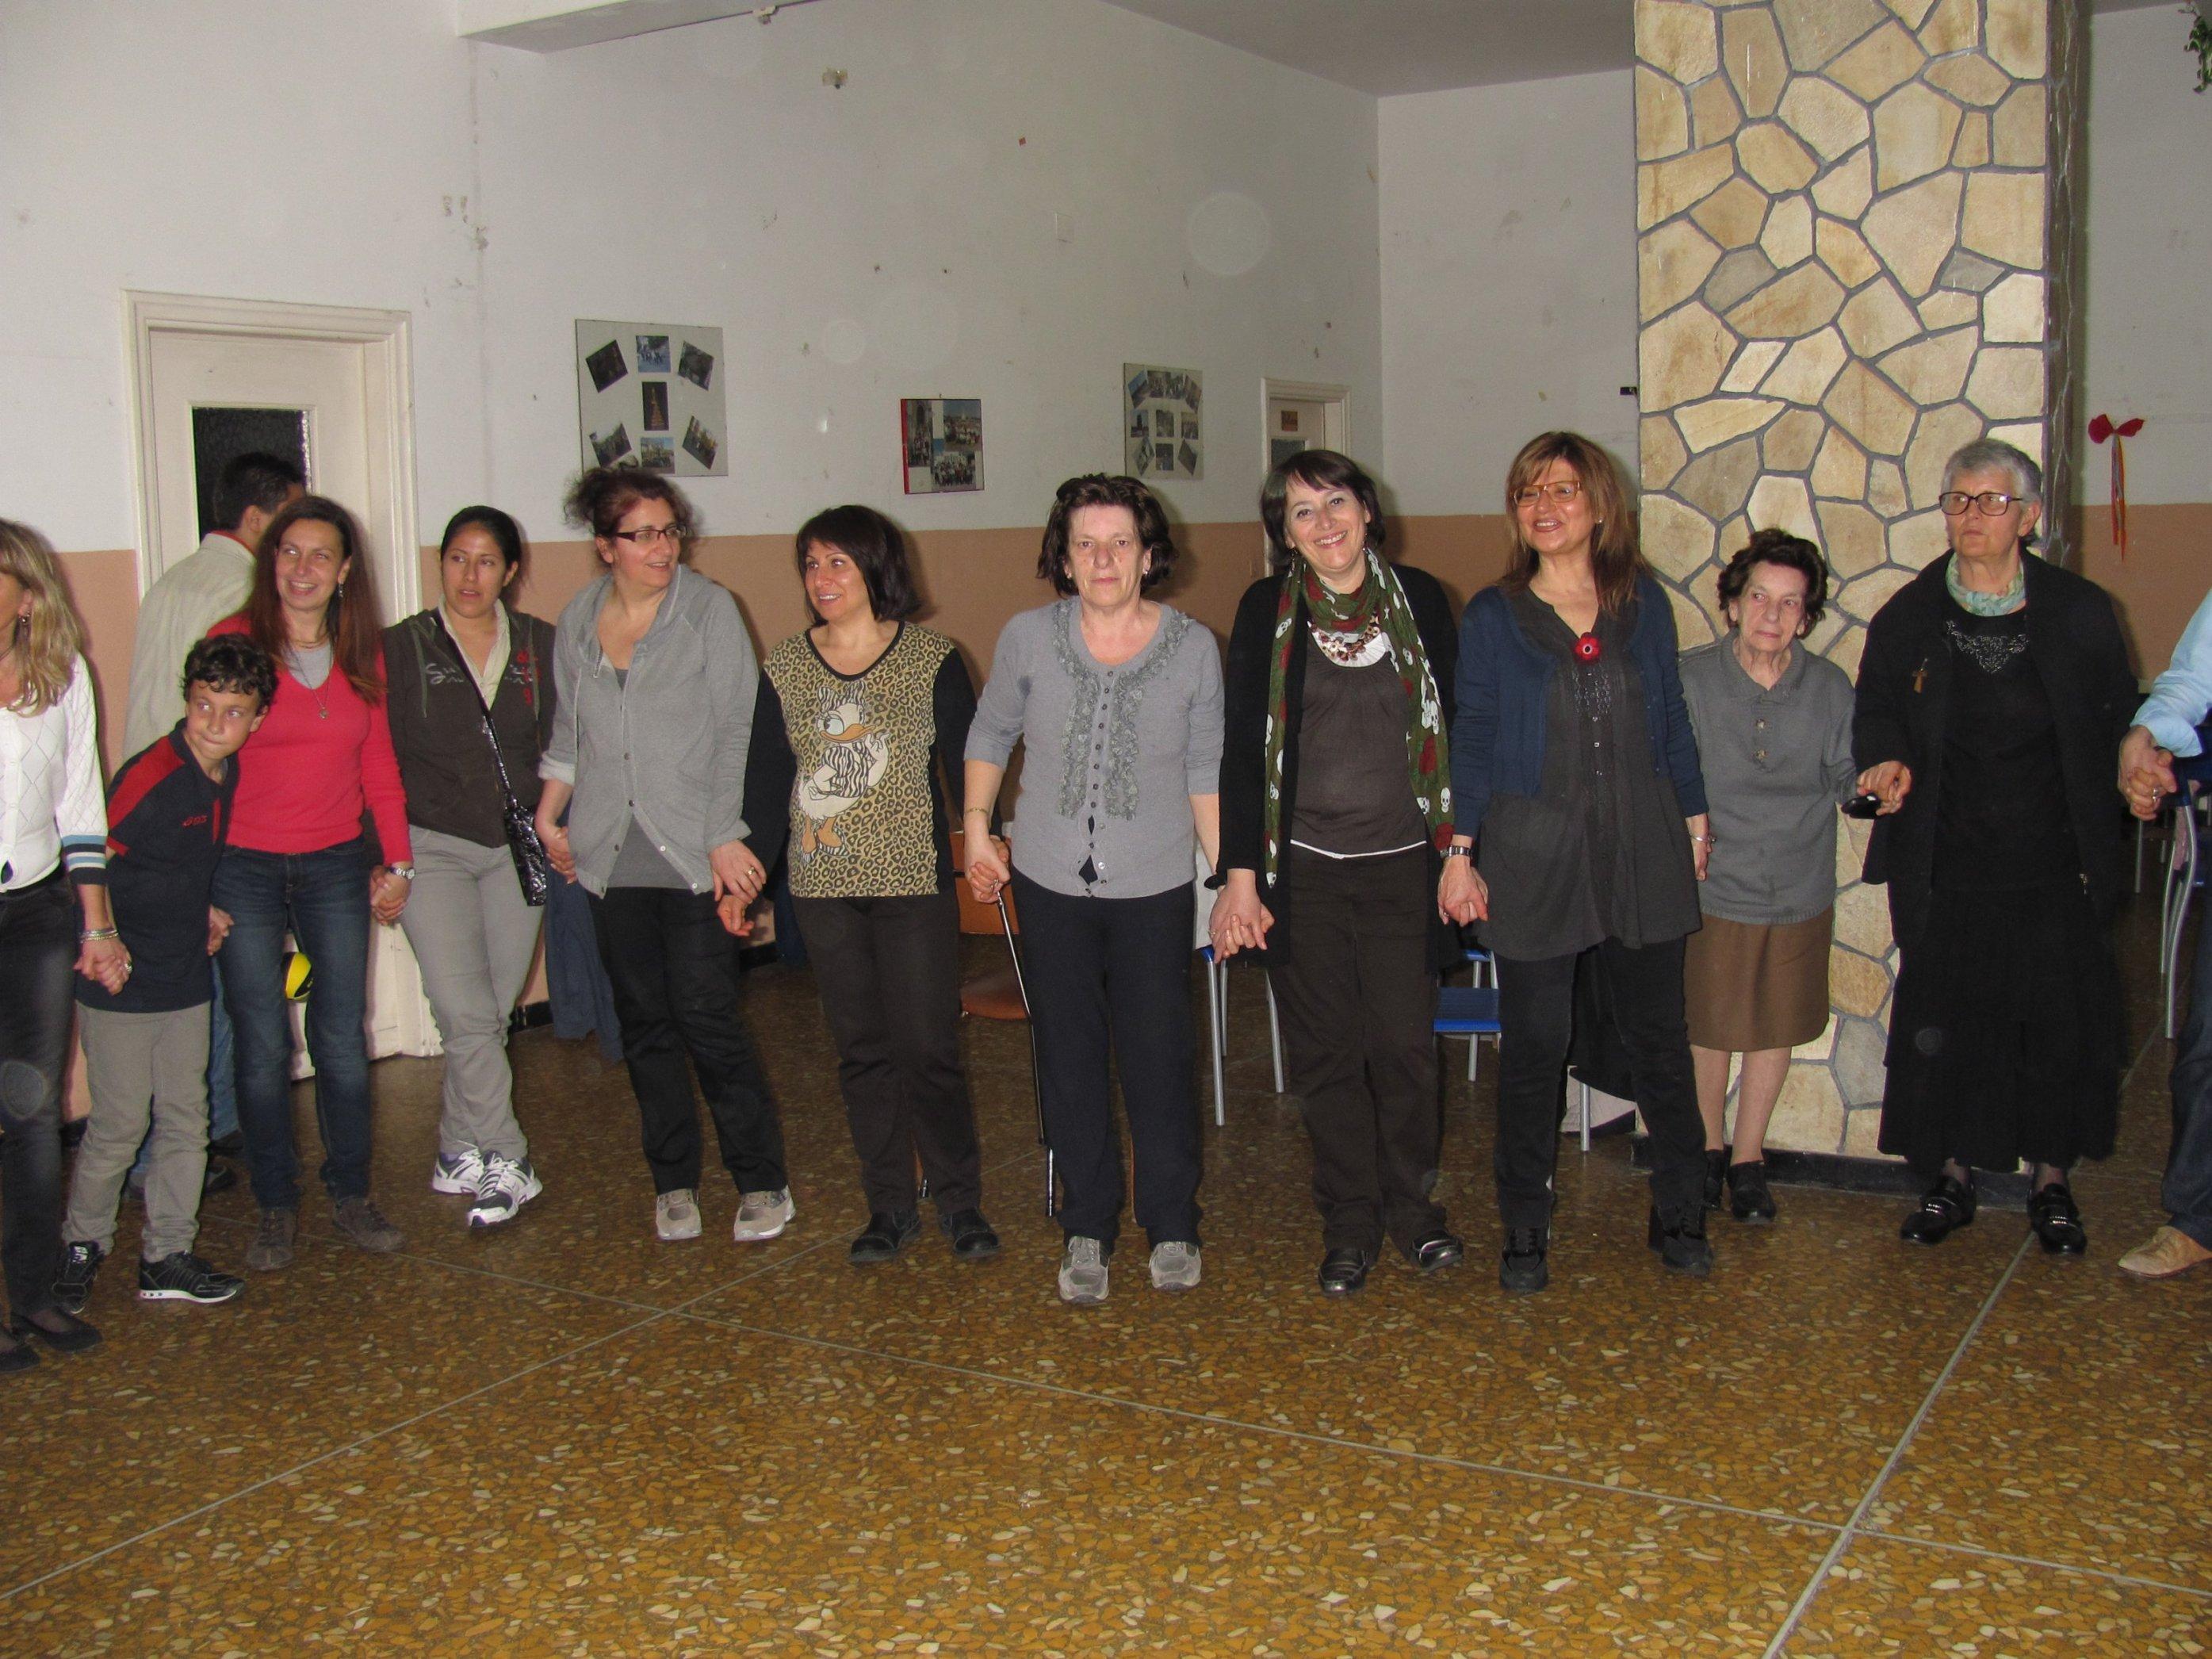 cena_prima_comunione_2012-04-28-21-07-45